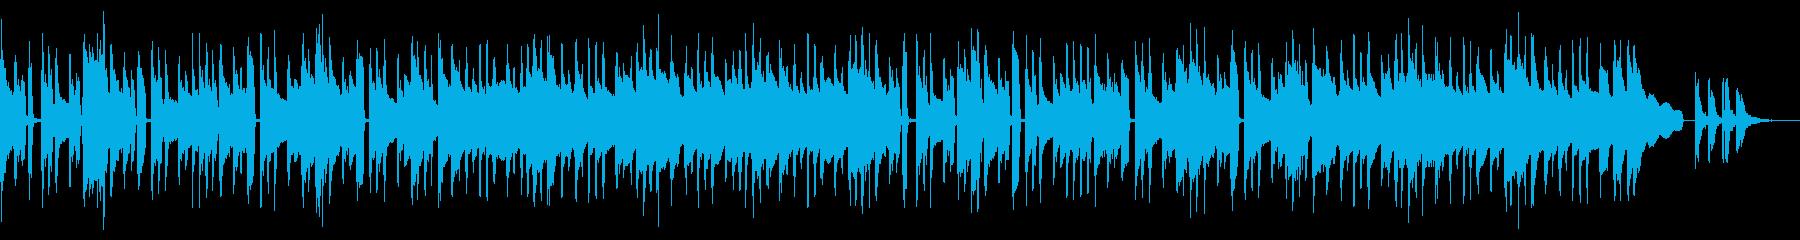 コントチックなポップス sc-88proの再生済みの波形